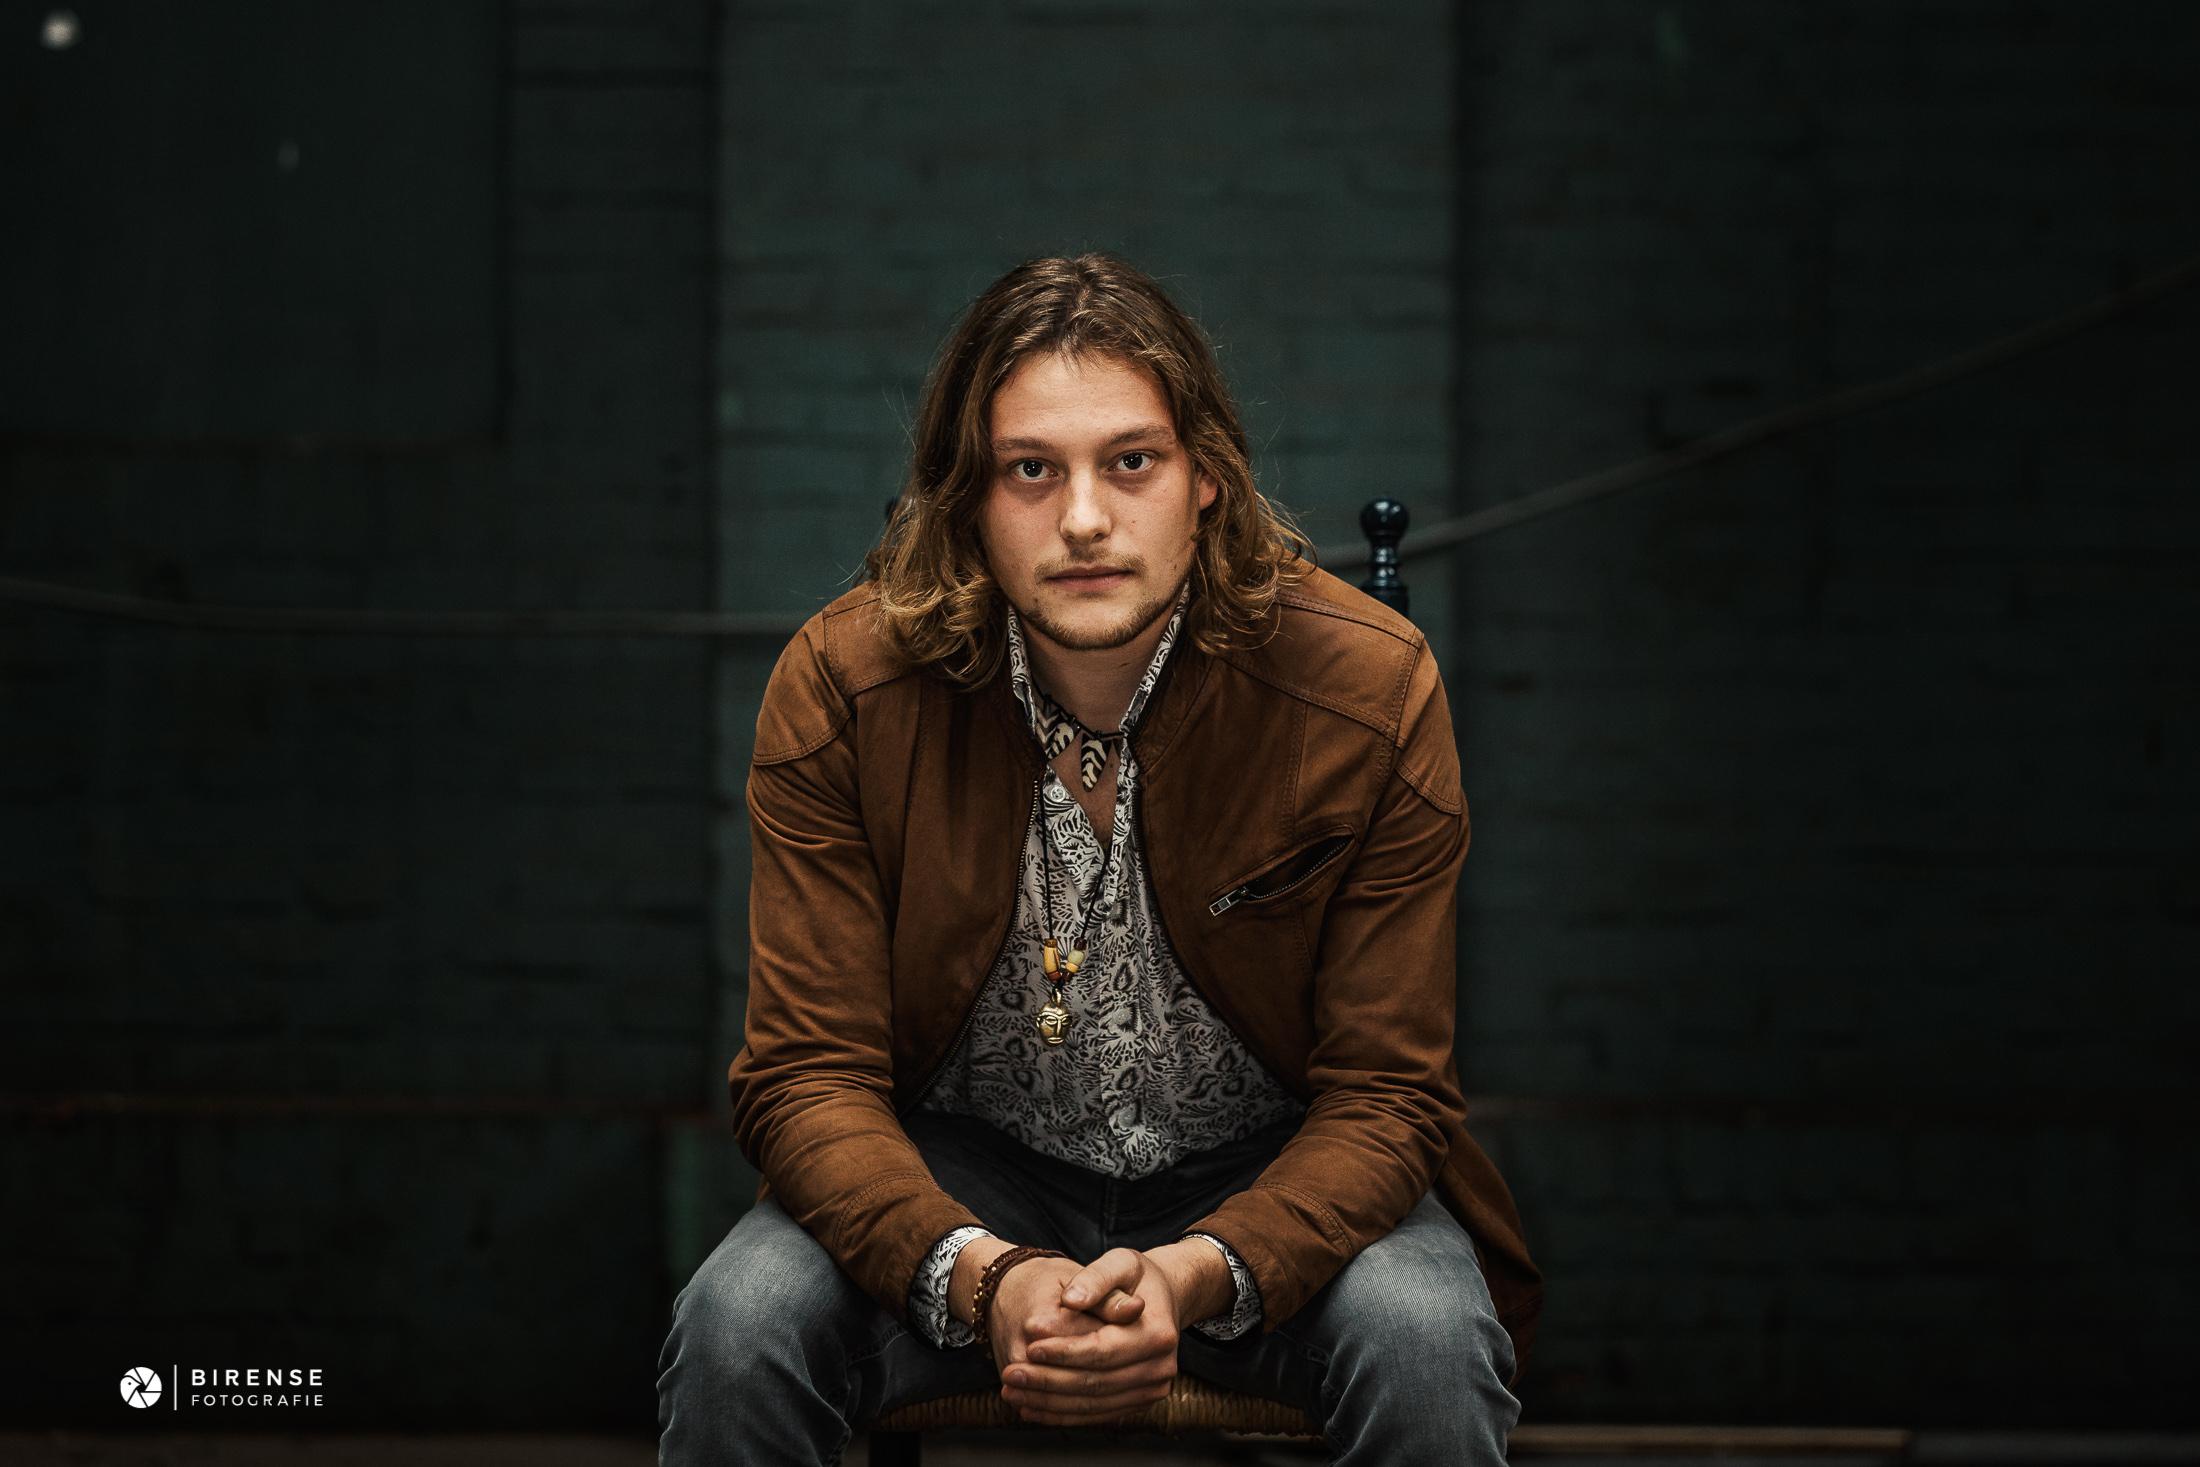 Between The Jars rock band The Netherlands - drums Max portrait 2018 by Birense Fotografie (1 van 1).jpg